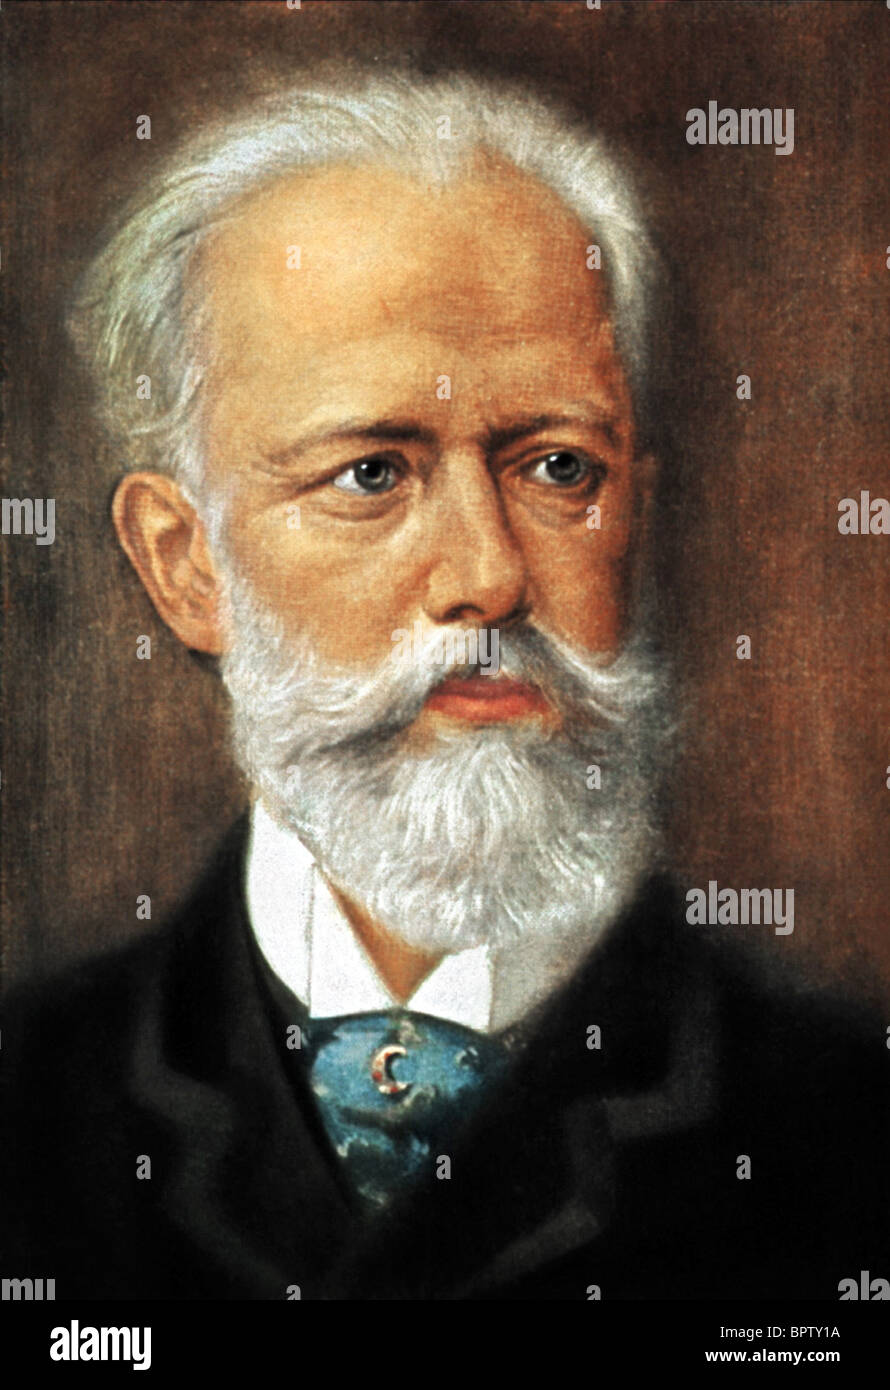 PYOTR ILYICH TCHAIKOVSKY Compositore (1880) Immagini Stock